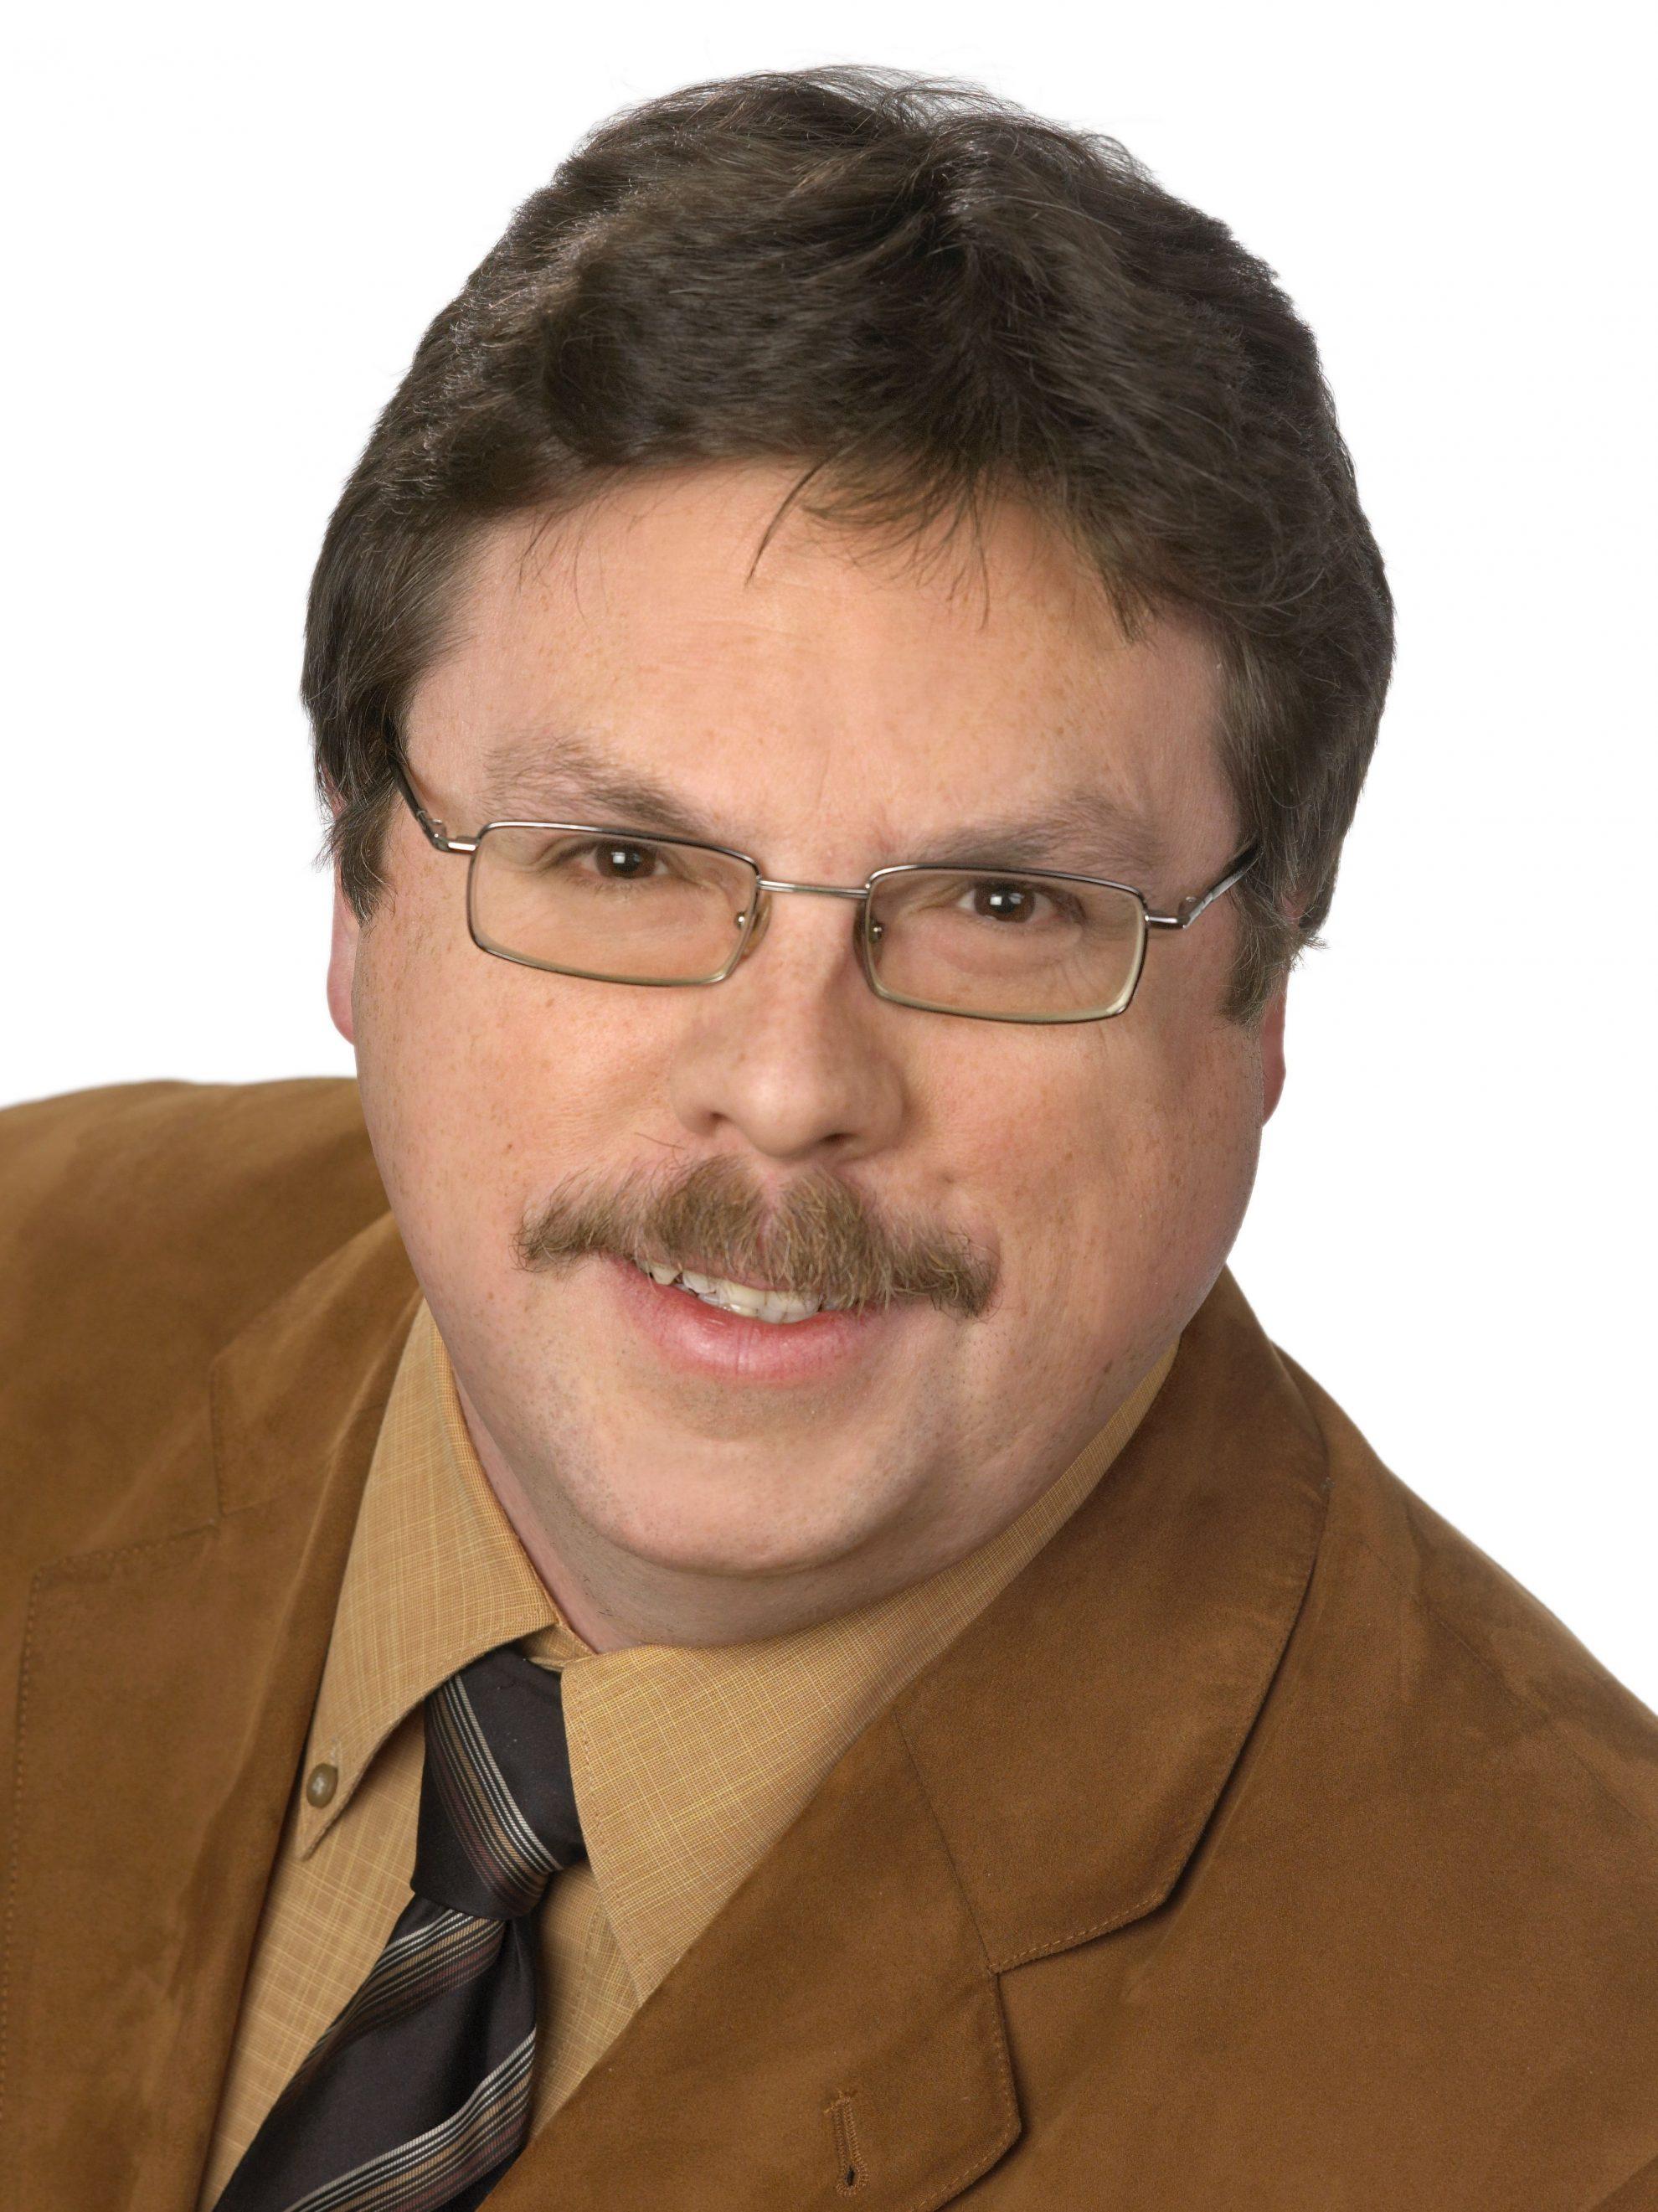 Rolf Schroeteler